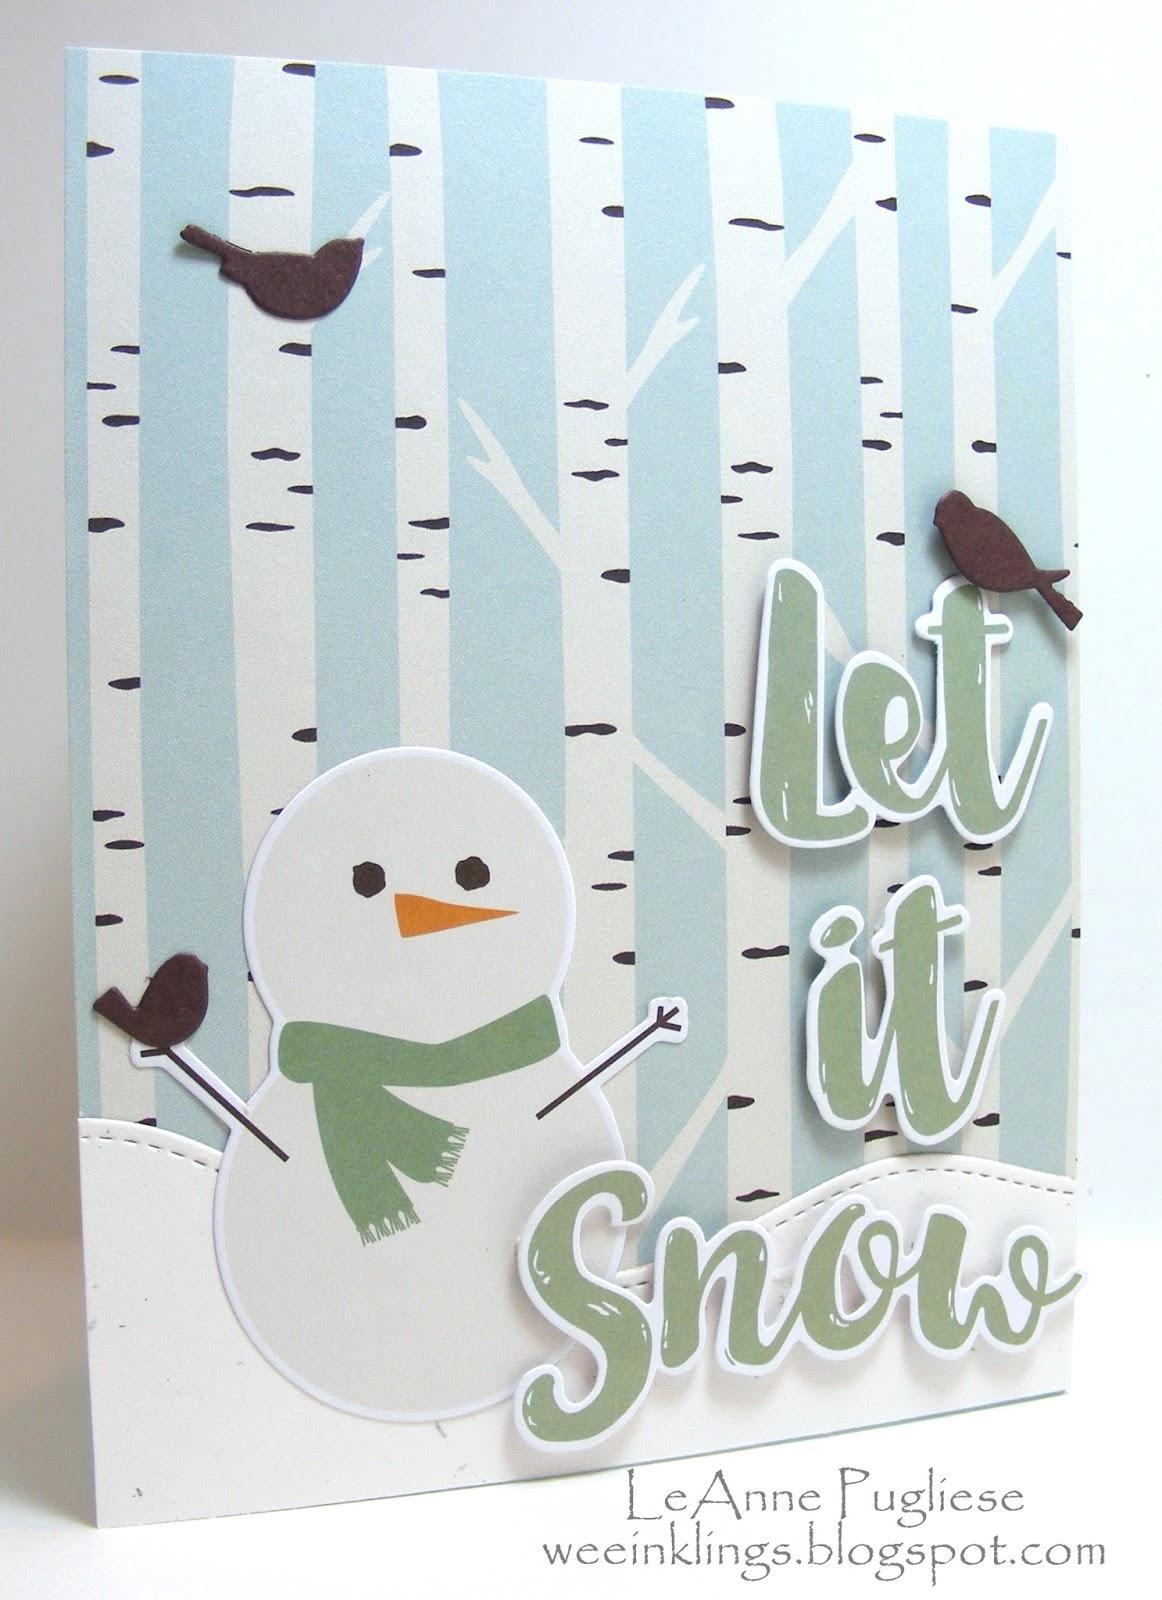 wee inklings: Easy Peasy Let it Snow